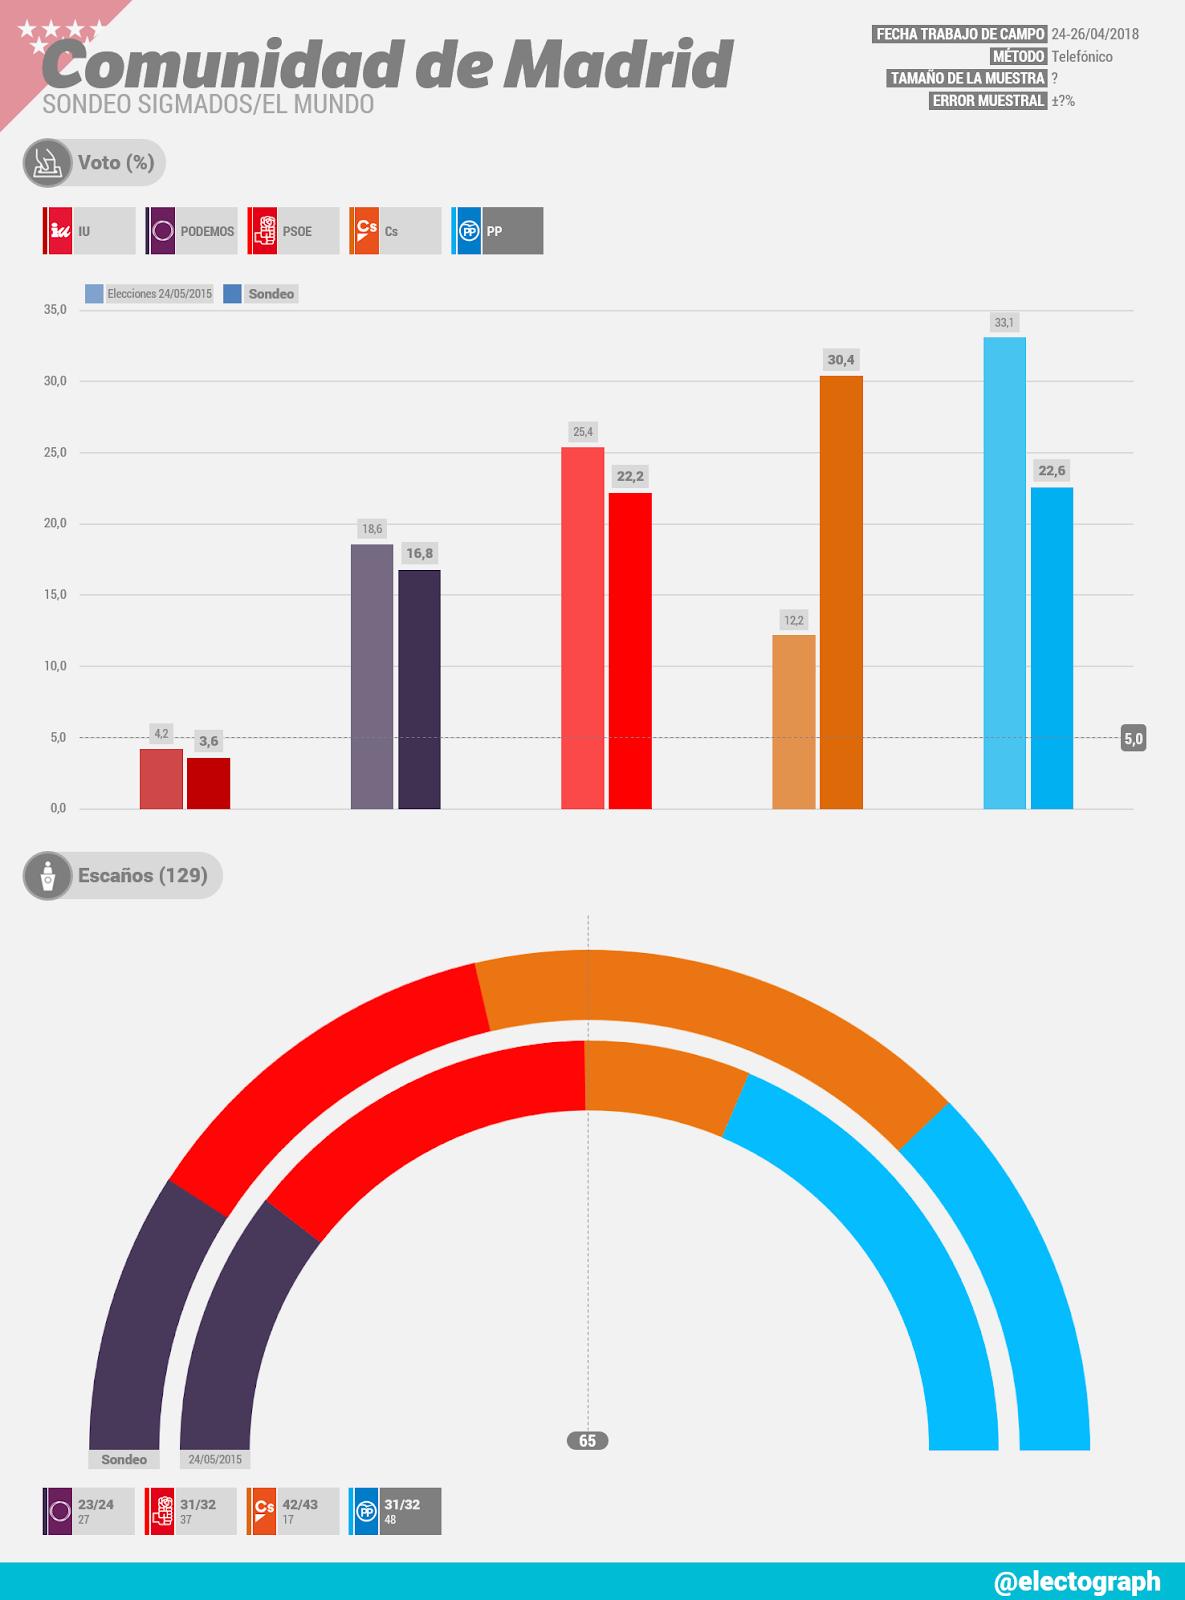 Gráfico de la encuesta para elecciones autonómicas en la Comunidad de Madrid realizada por SigmaDos para El Mundo en abril de 2018